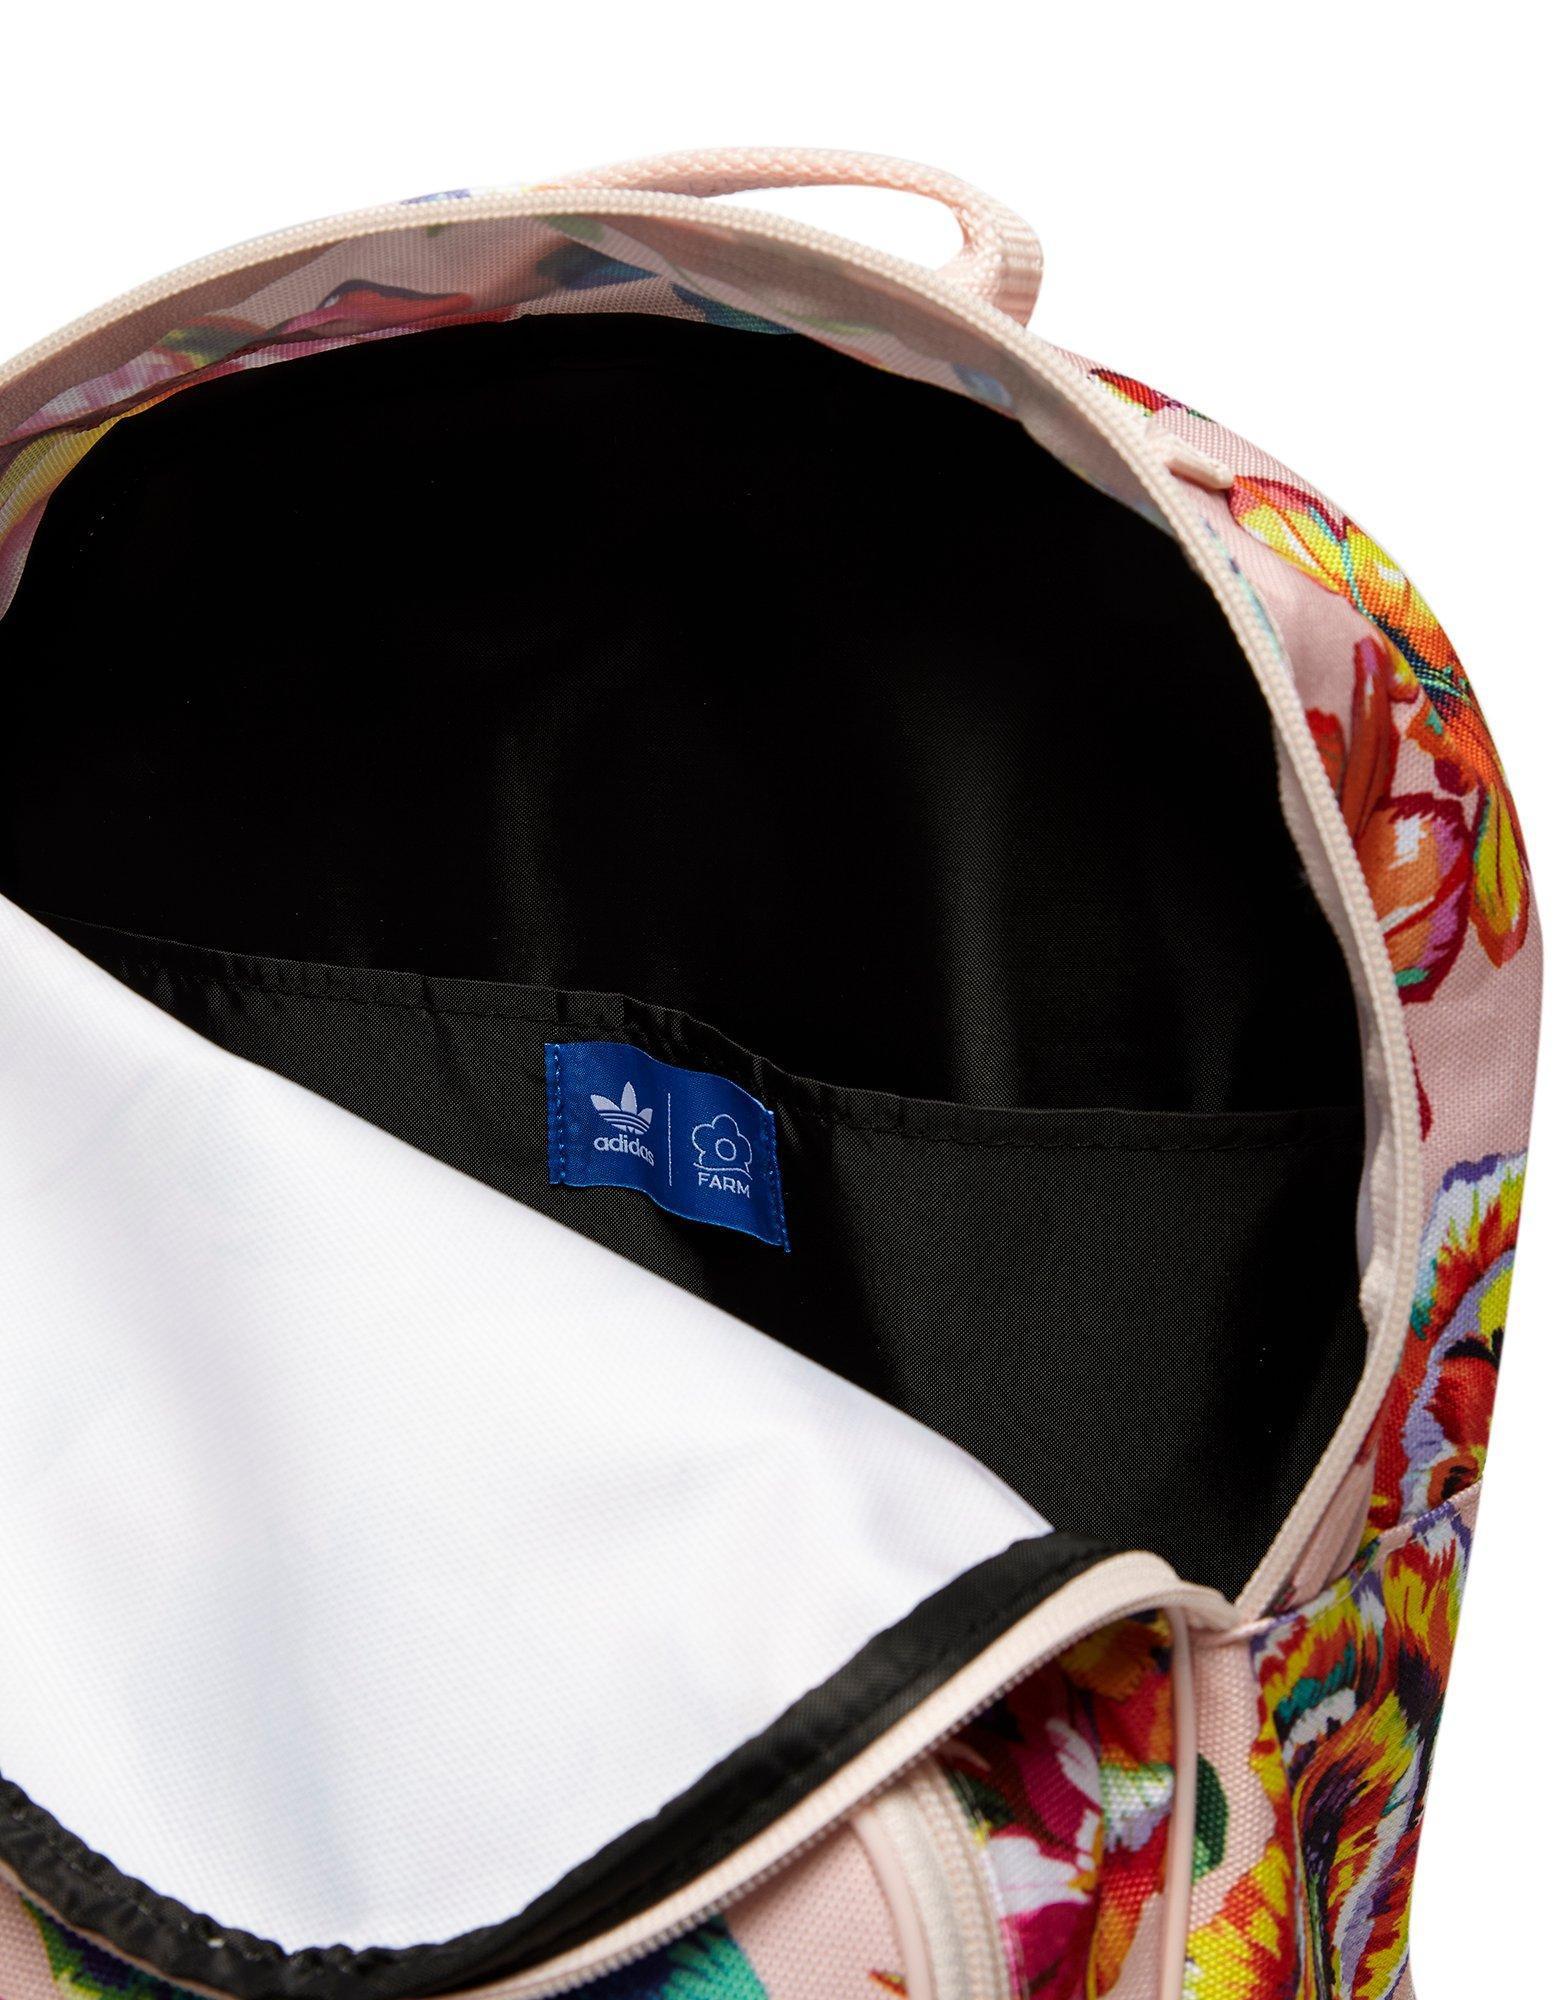 Mochila Adidas Adidas Originals Farm Floralita Farm en Originals White Lyst e4f7bf5 - hvorvikankobe.website